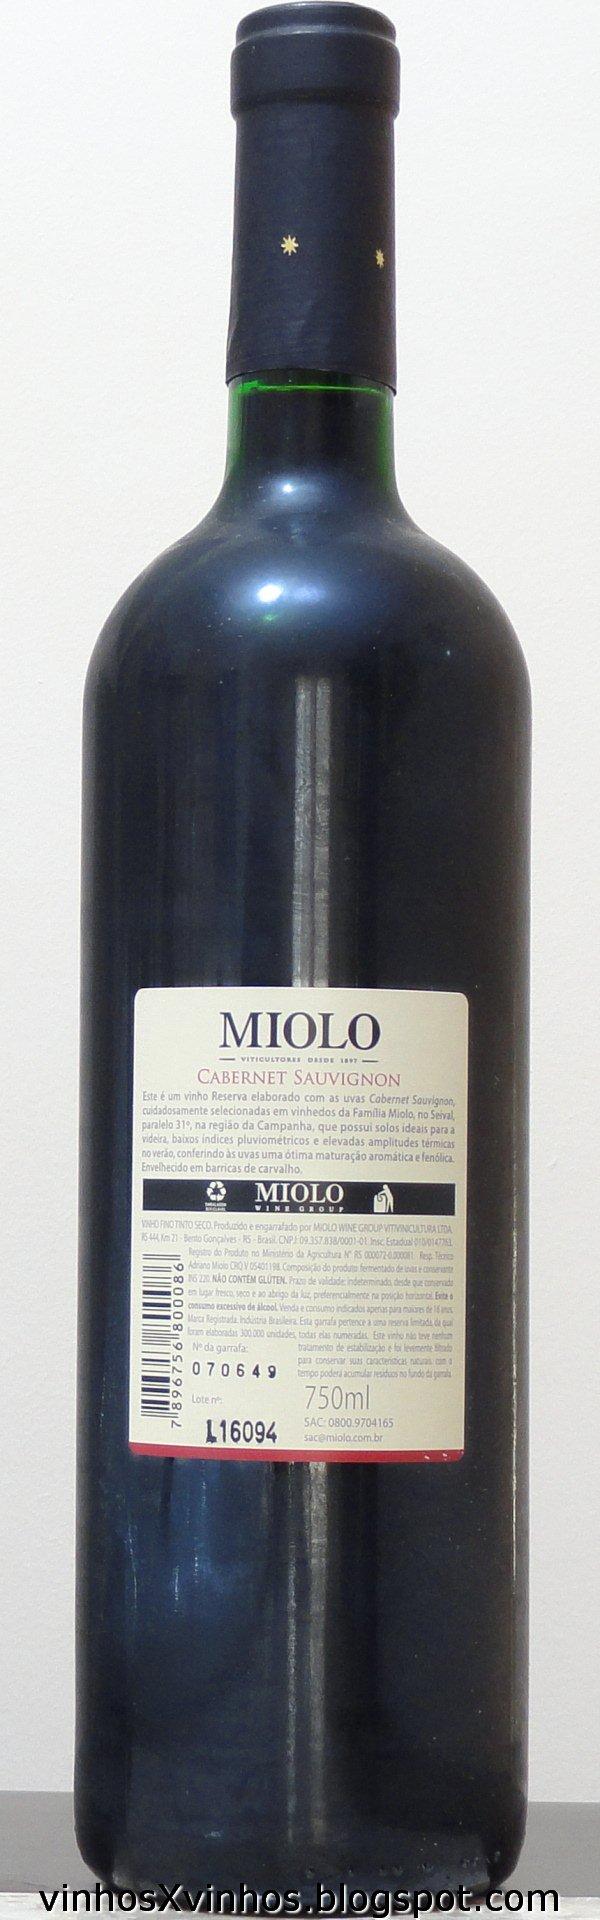 Vinho reserva miolo cabernet sauvignon